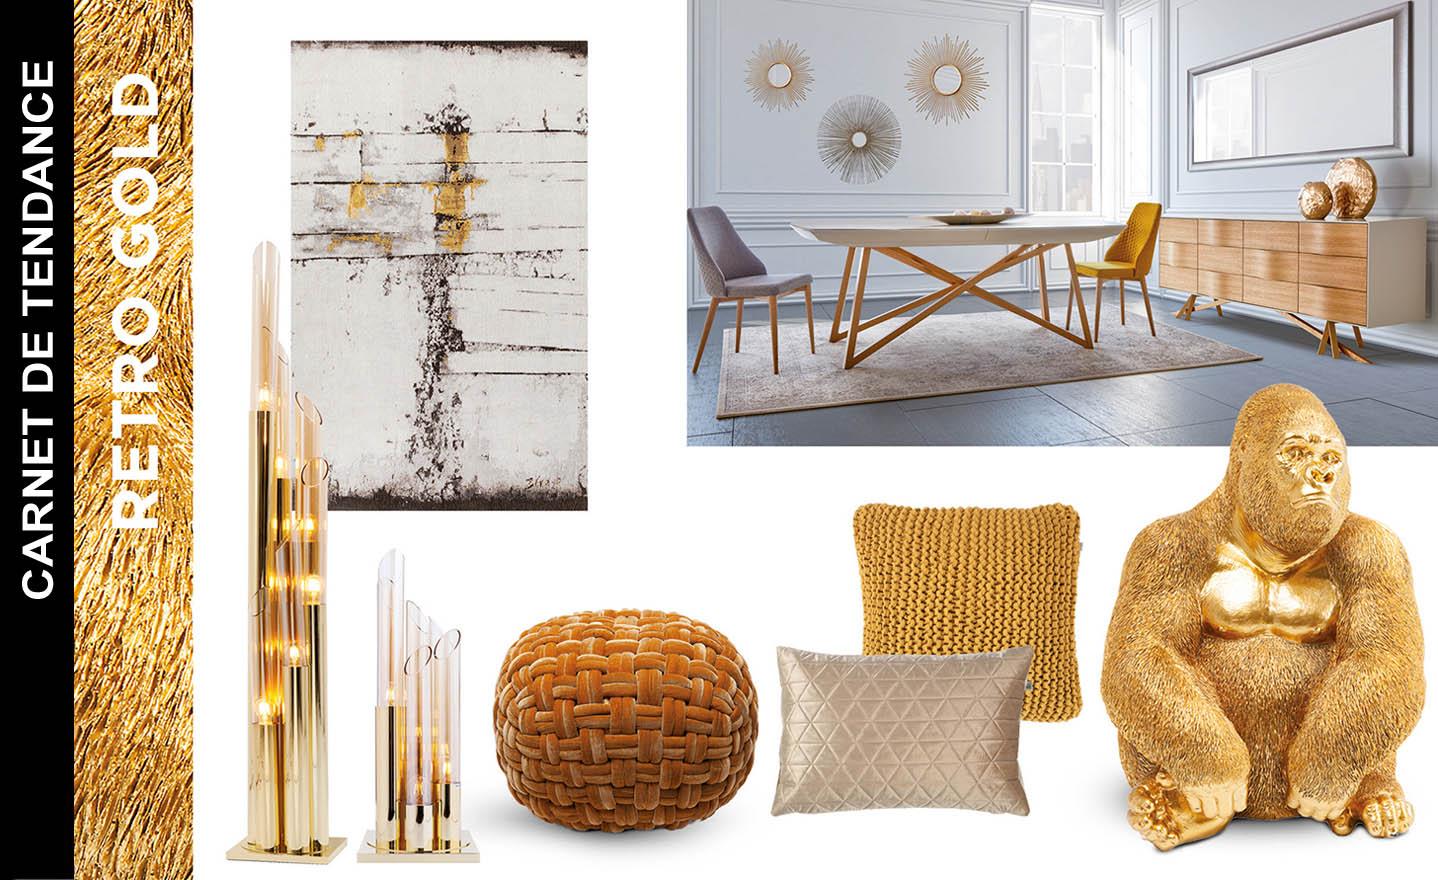 magasin xxl allemagne perfect photo de xxl maison epagny hautesavoie france xxl maison with. Black Bedroom Furniture Sets. Home Design Ideas